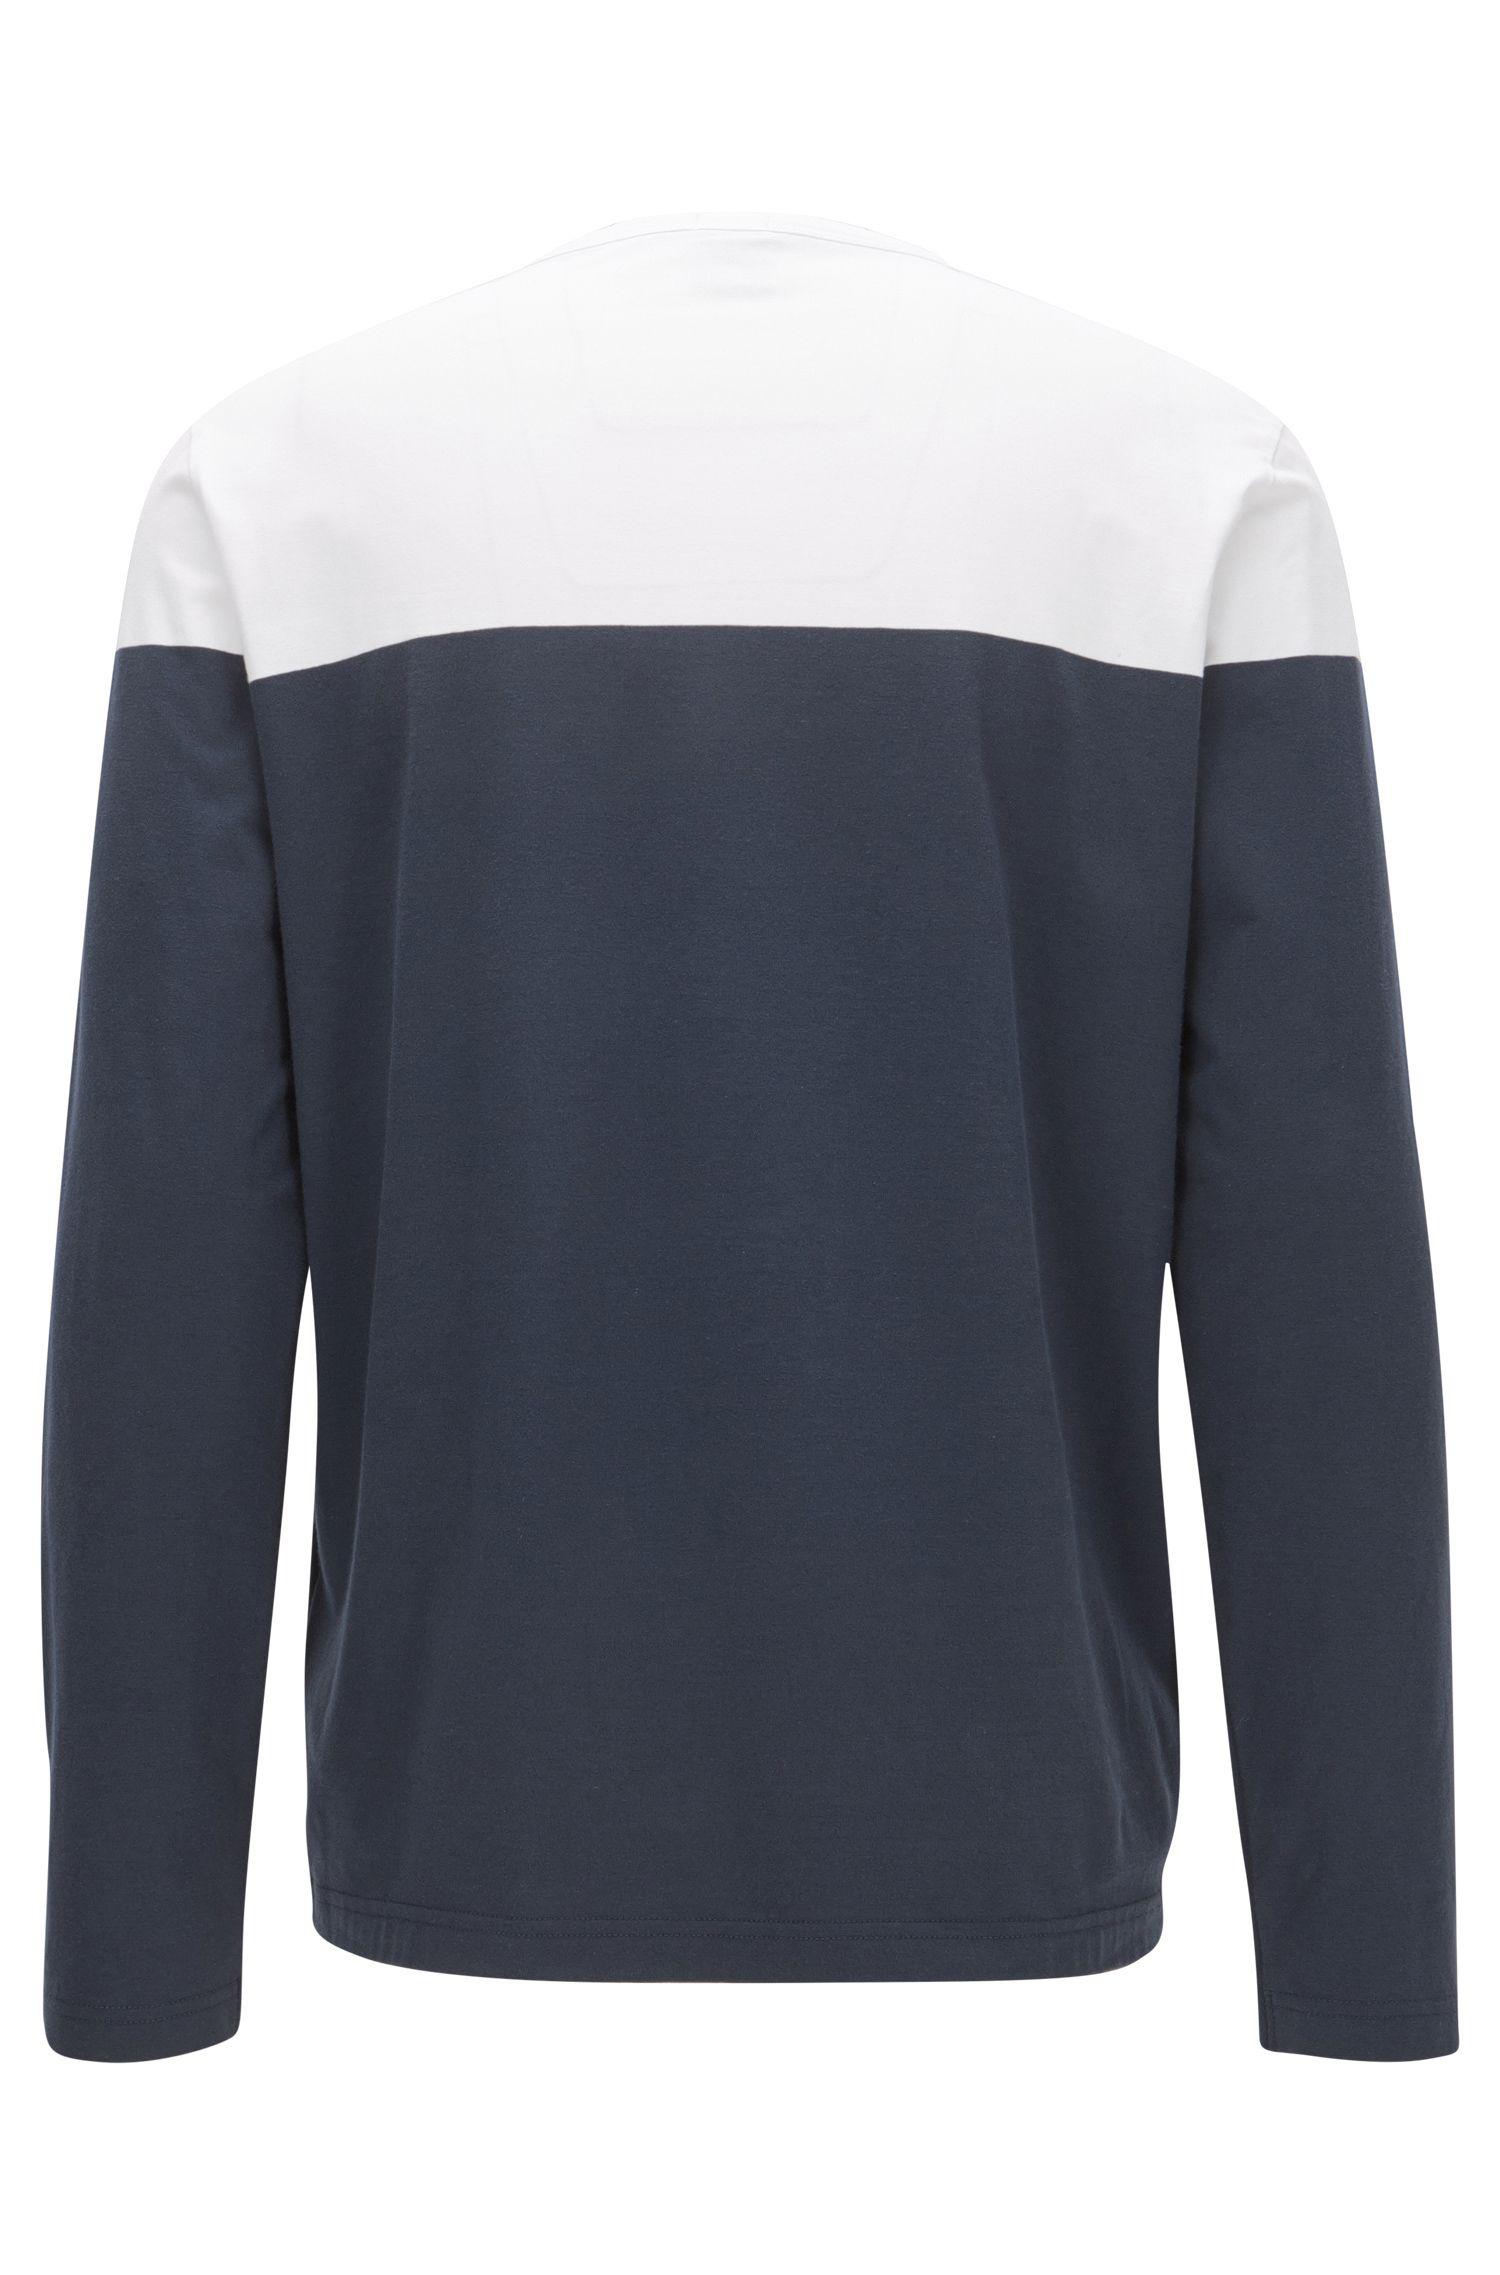 Pullover aus elastischer Baumwolle im Colour Block Design mit Logo